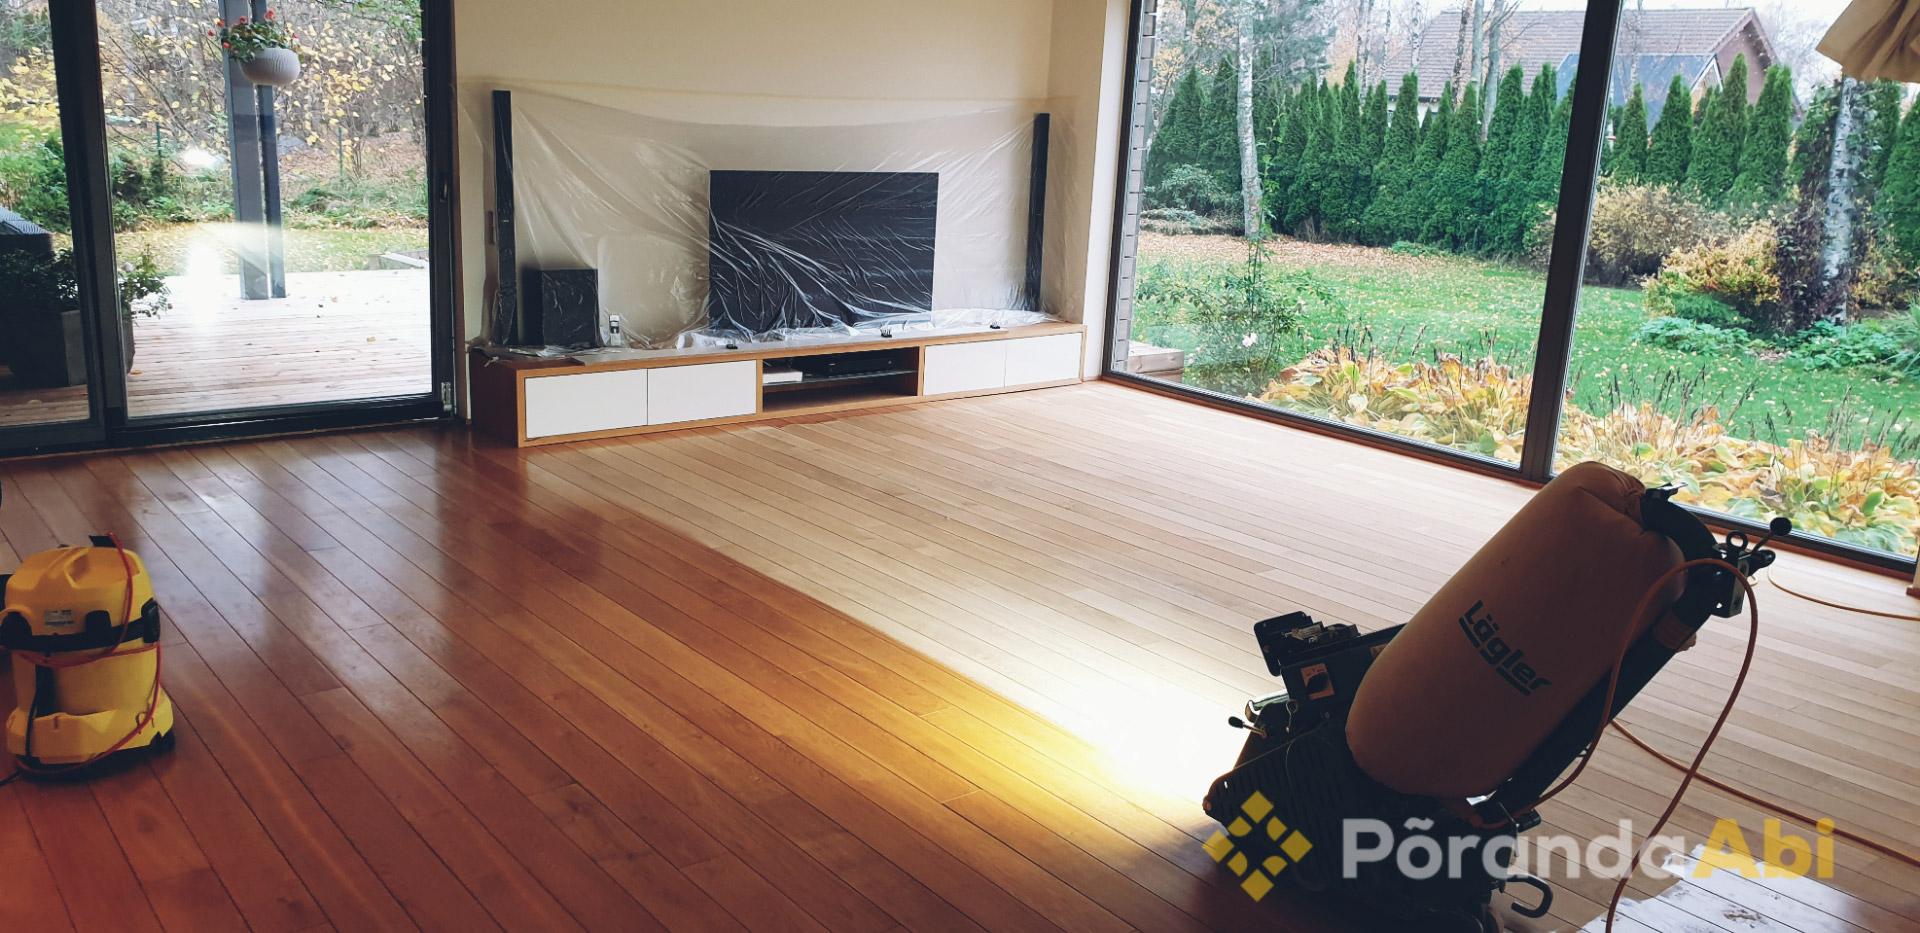 Laudpõranda tolmuvaba lihvimine elutoas